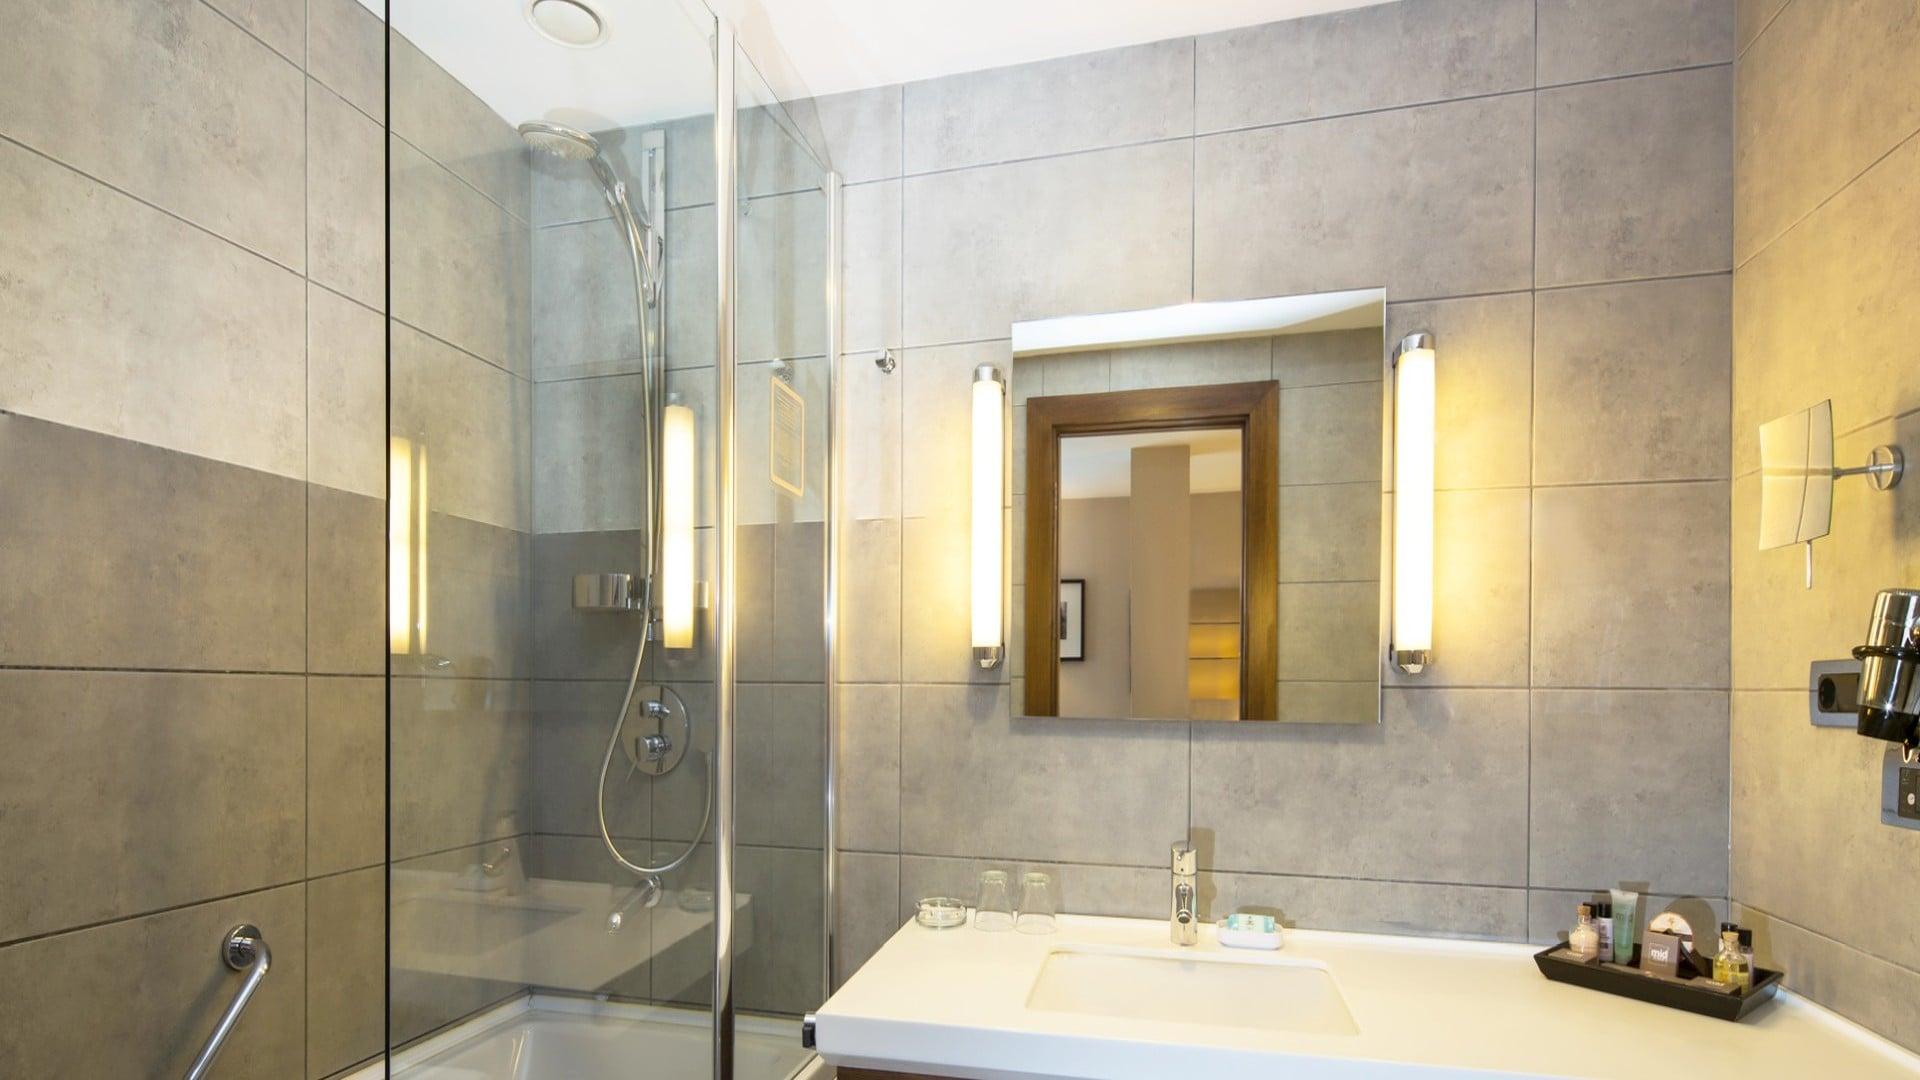 Midtown Hotel Deluxe Room Bathroom